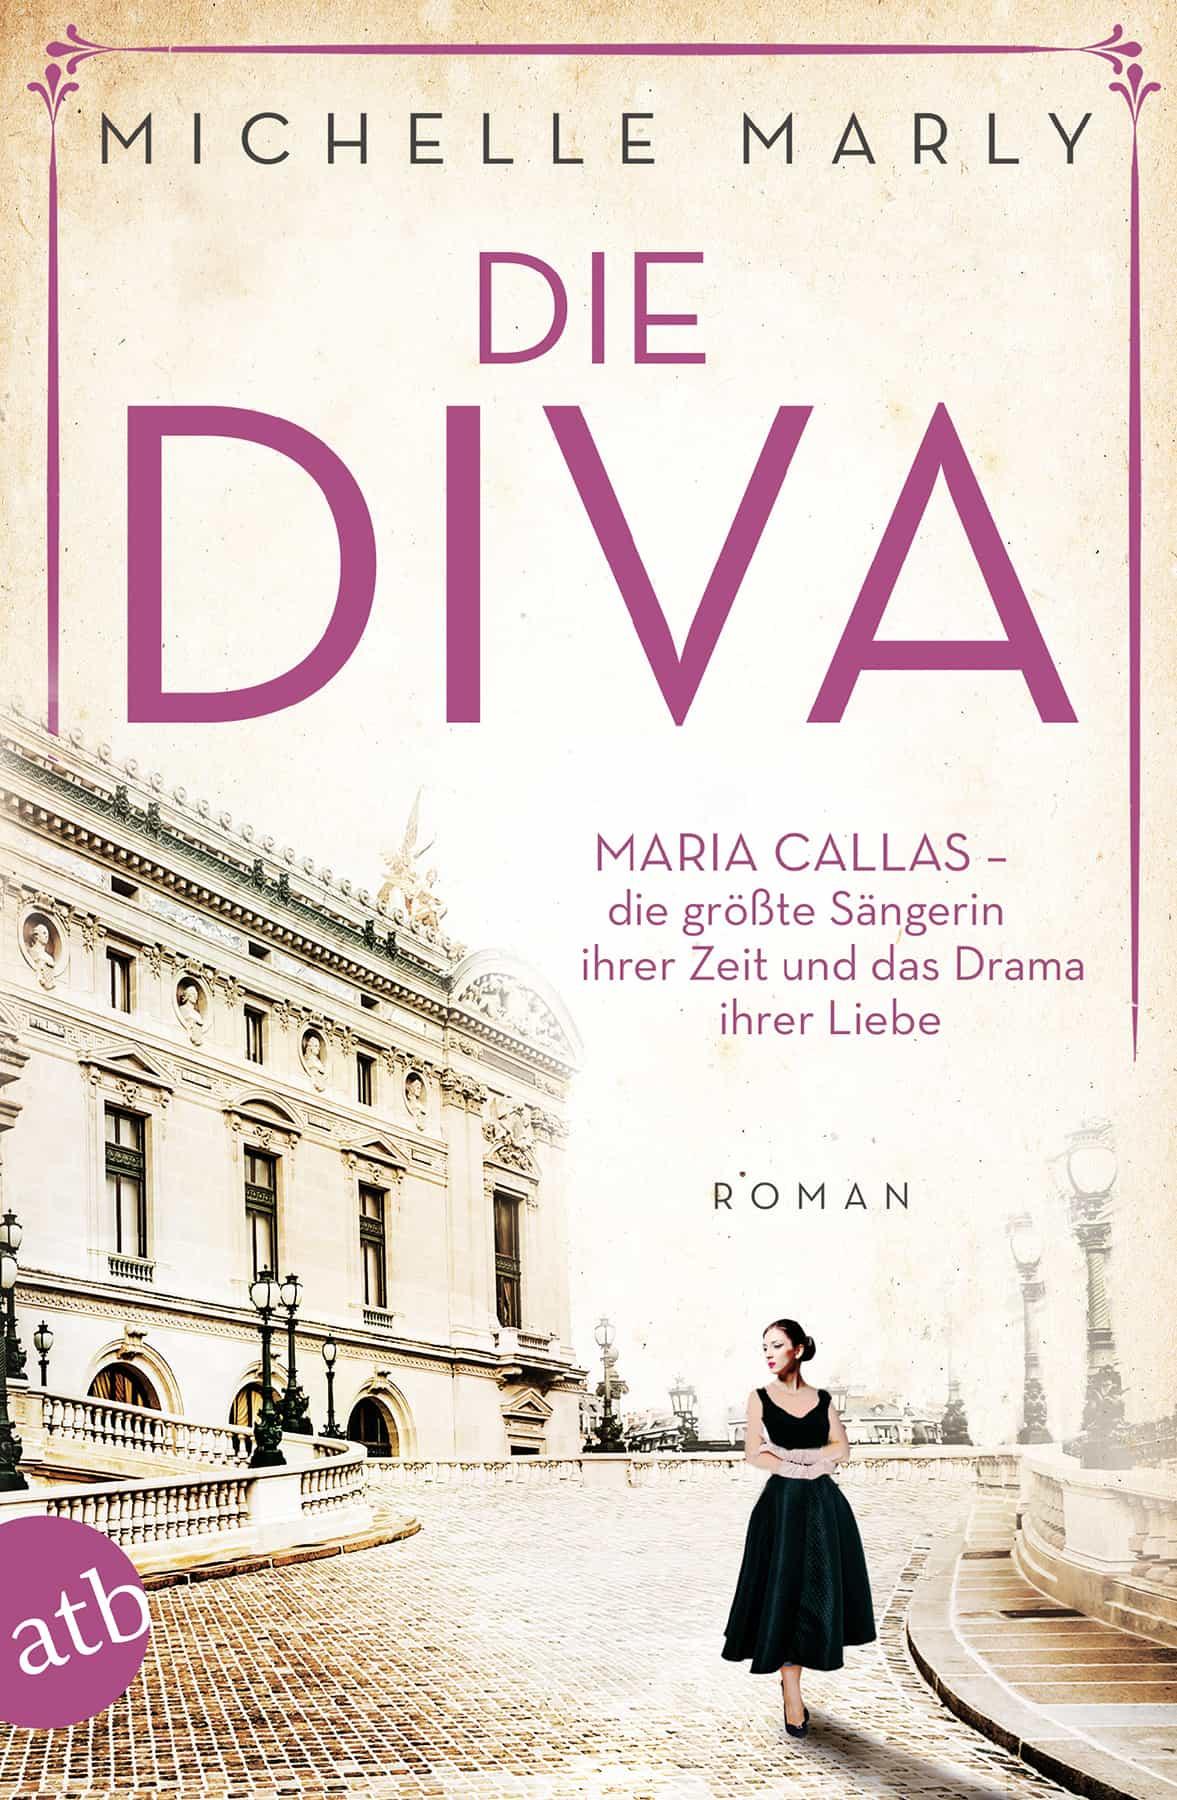 """Michelle Marly gelingt mit dem neuen Roman: """"Die Diva""""  Einstieg in die Top Ten!"""